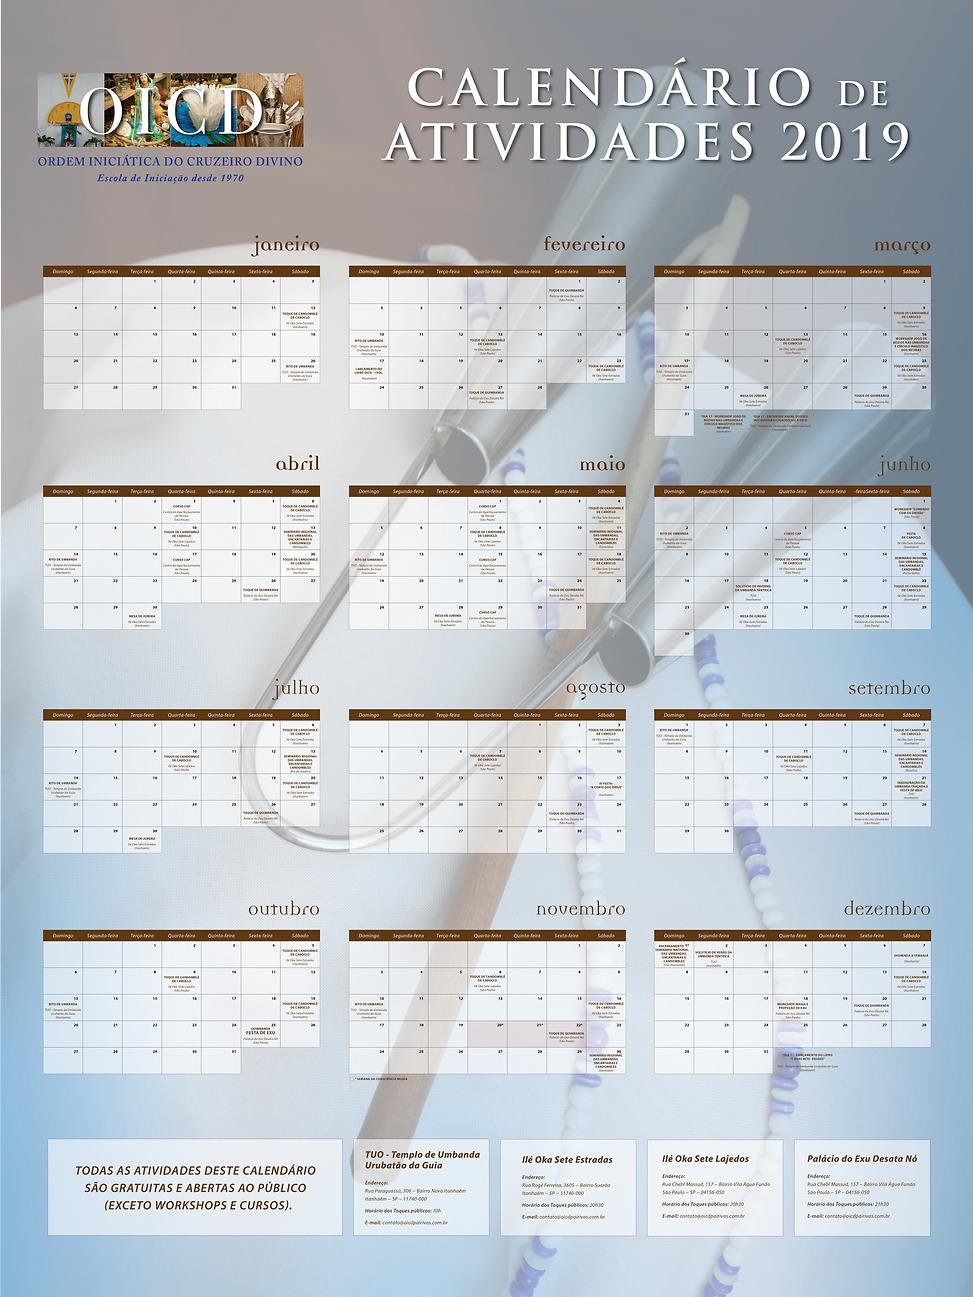 Cronograma da OICD 2019